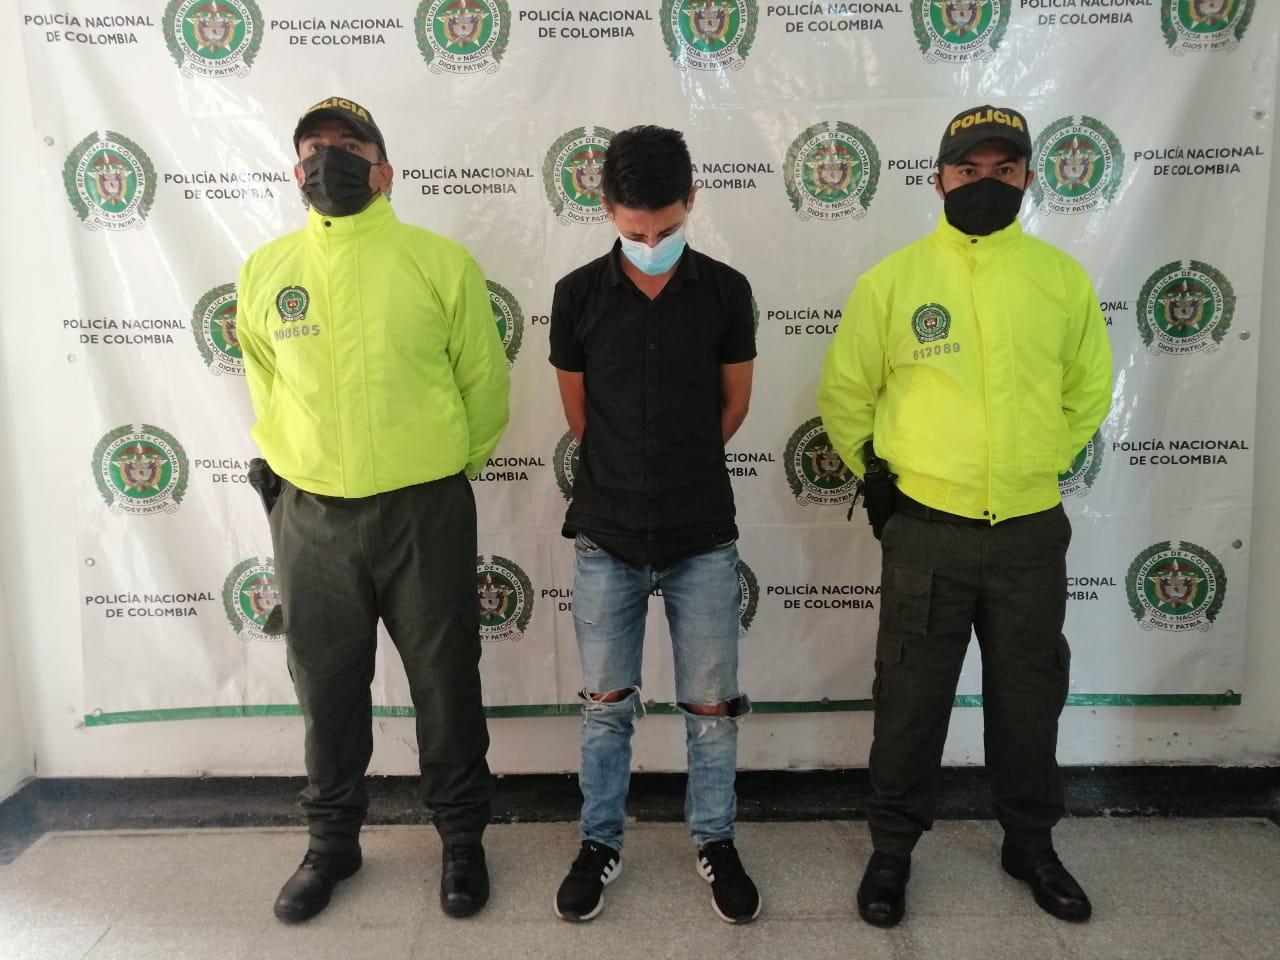 Identificado mediante fotos aparente ladrón de moto